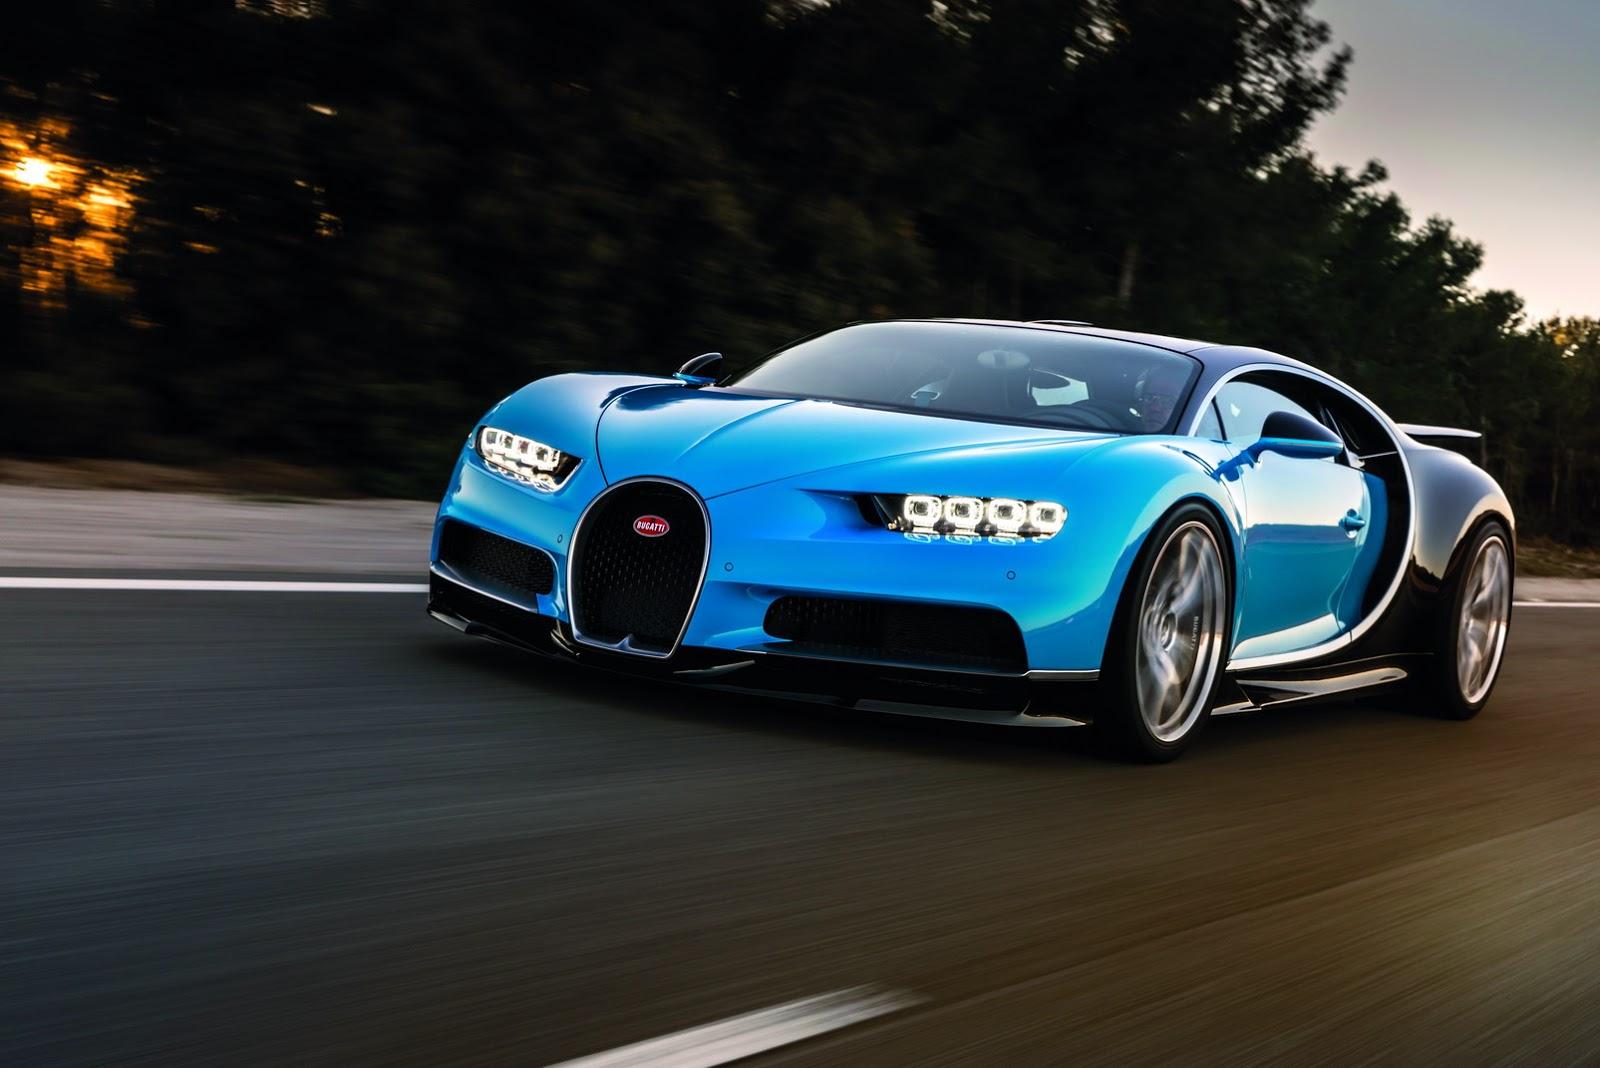 Chắc chắn Bugatti Chiron 2017 sẽ là siêu xe HOT nhất Geneva Motor Show 2016 năm nay